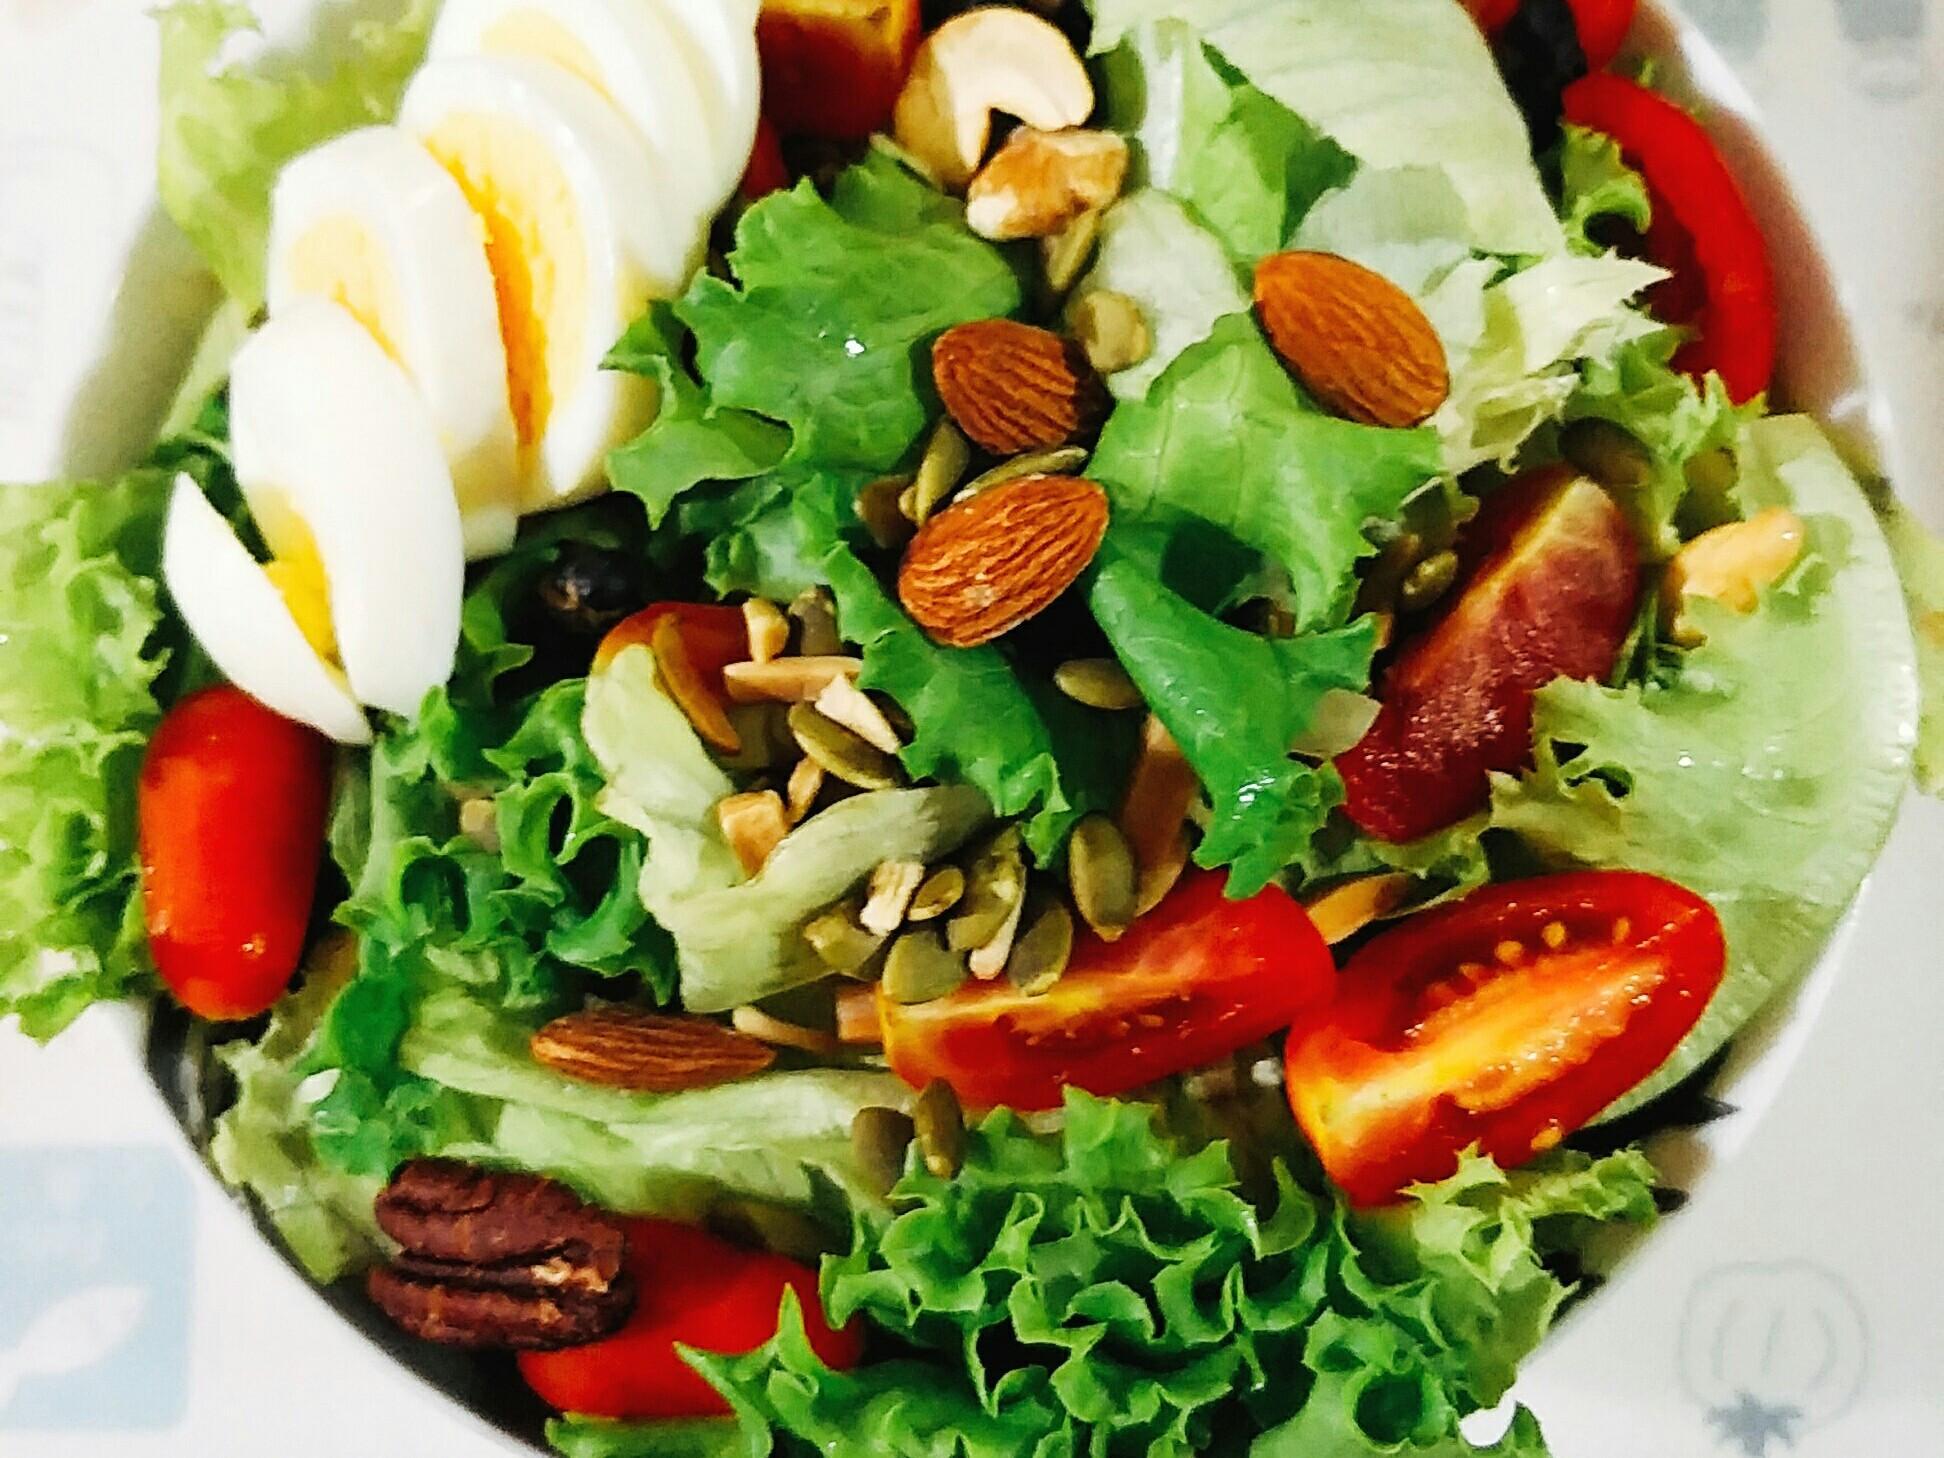 👊減醣早餐👊生菜堅果沙拉佐凱薩醬